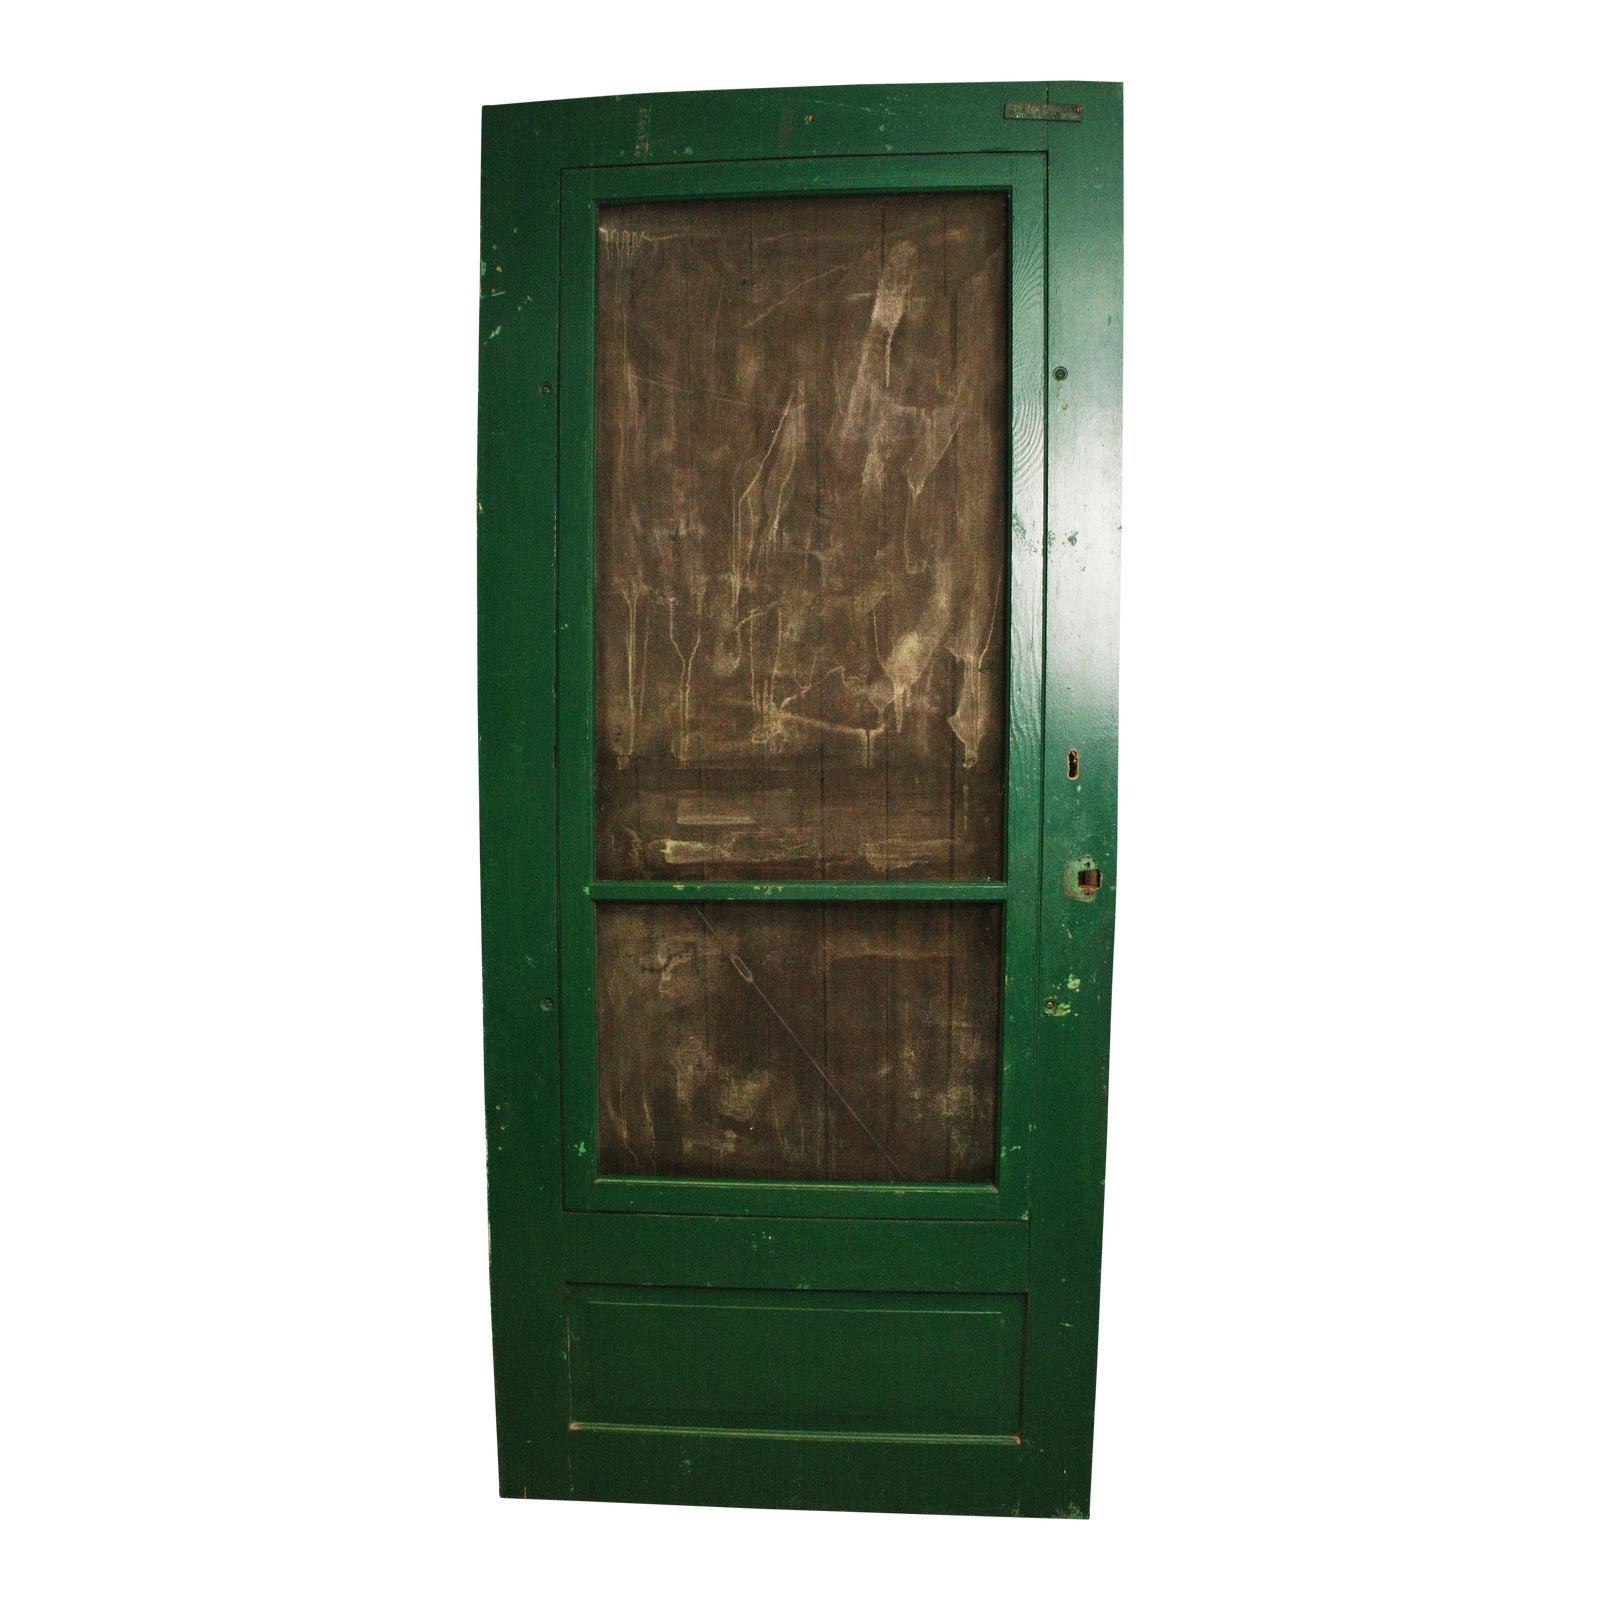 Vintage Green Wood Country Screen Door Chairish